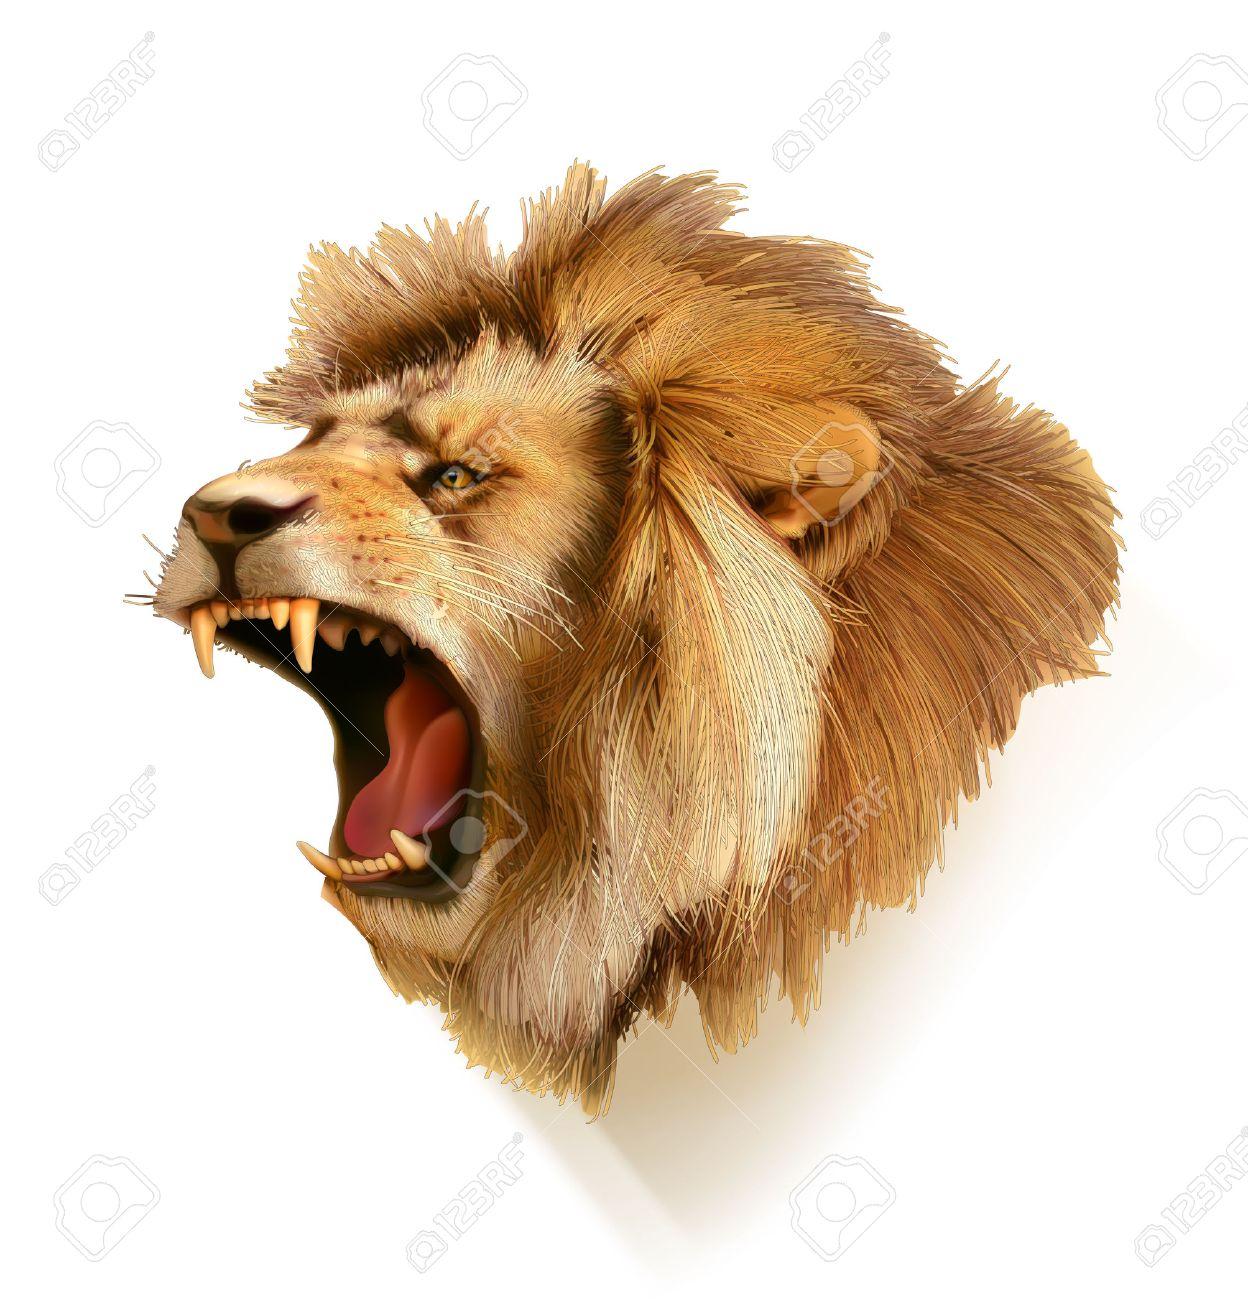 Roaring lion, head vector illustration Stock Vector - 44550279